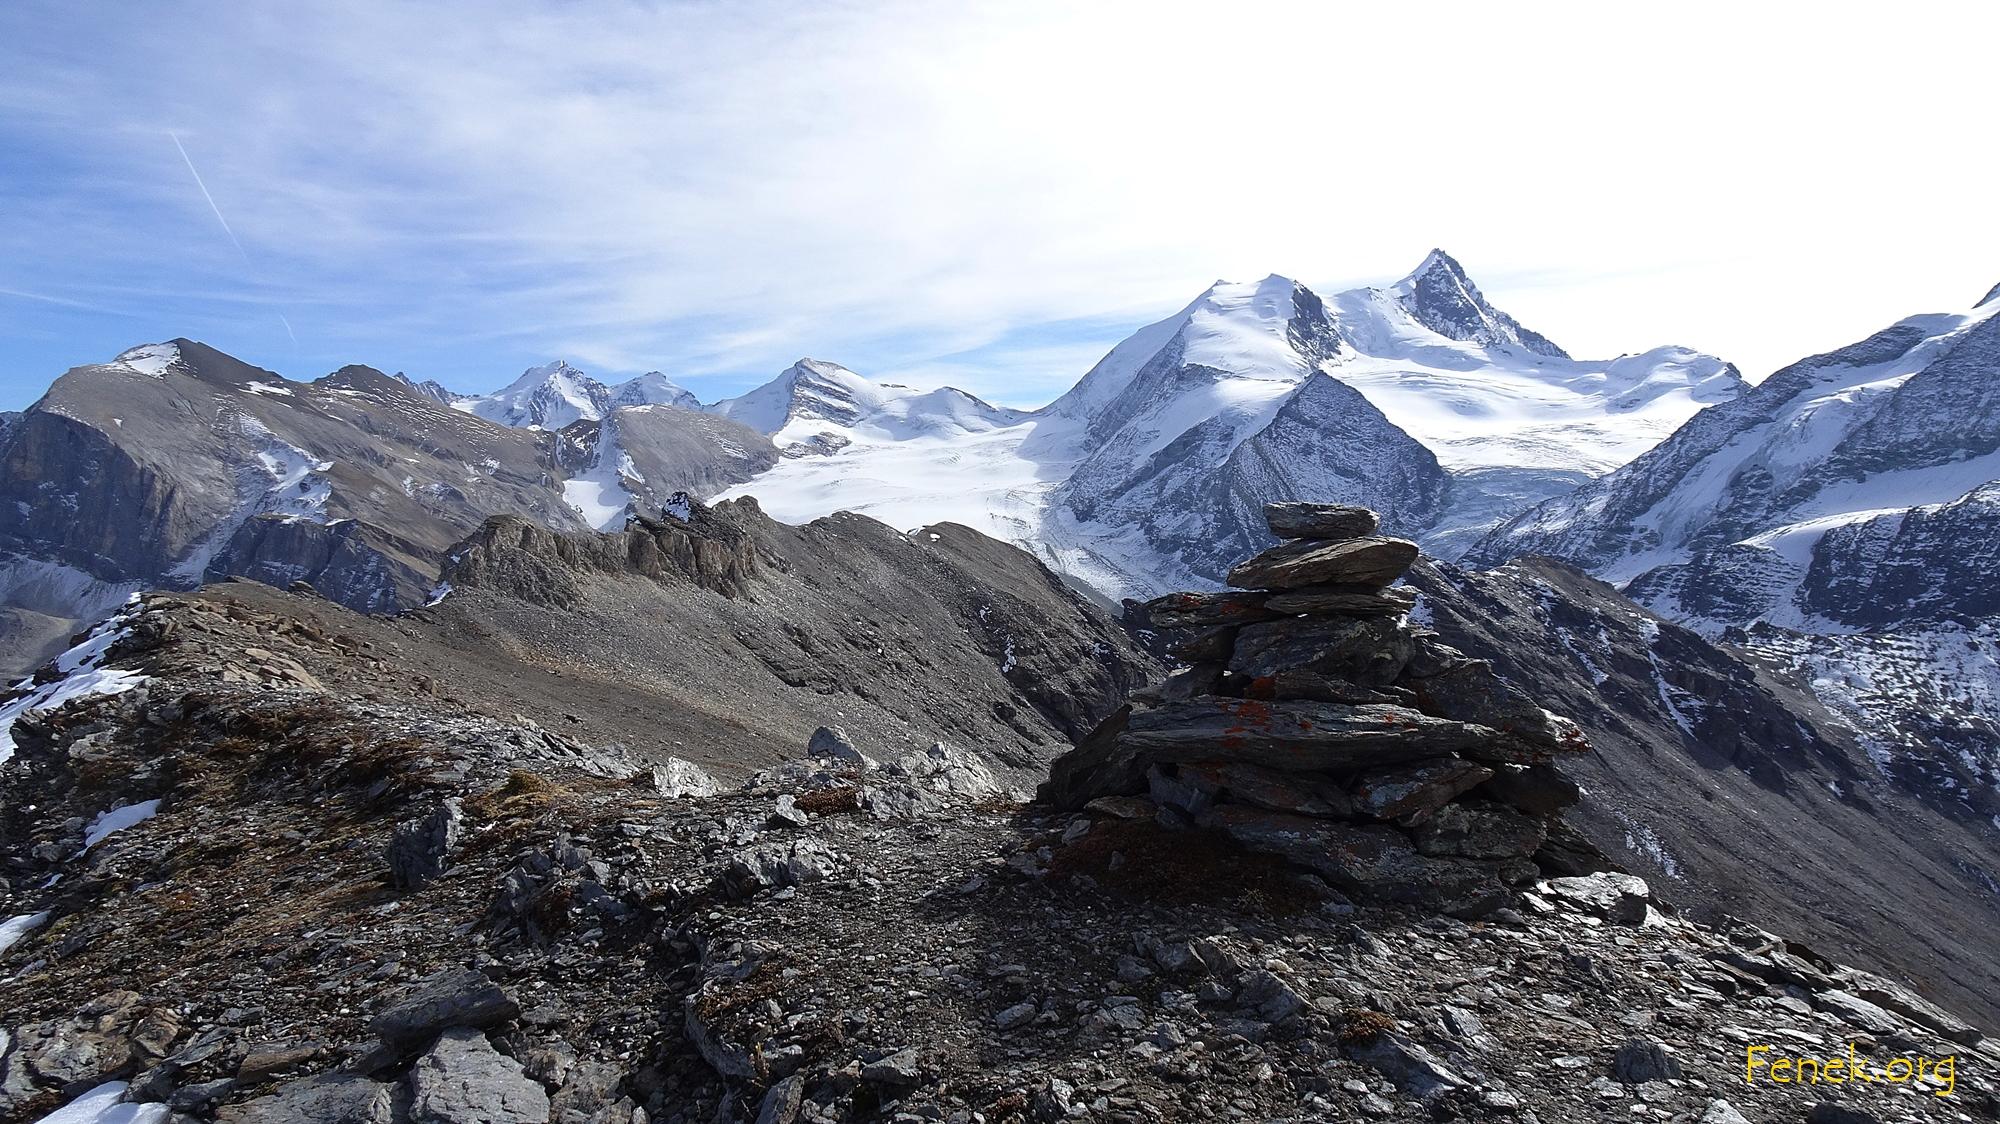 ausserordentliches Gipfelpanorama - Barrhörner - Brunegghorn - Bishorn - Weisshorn